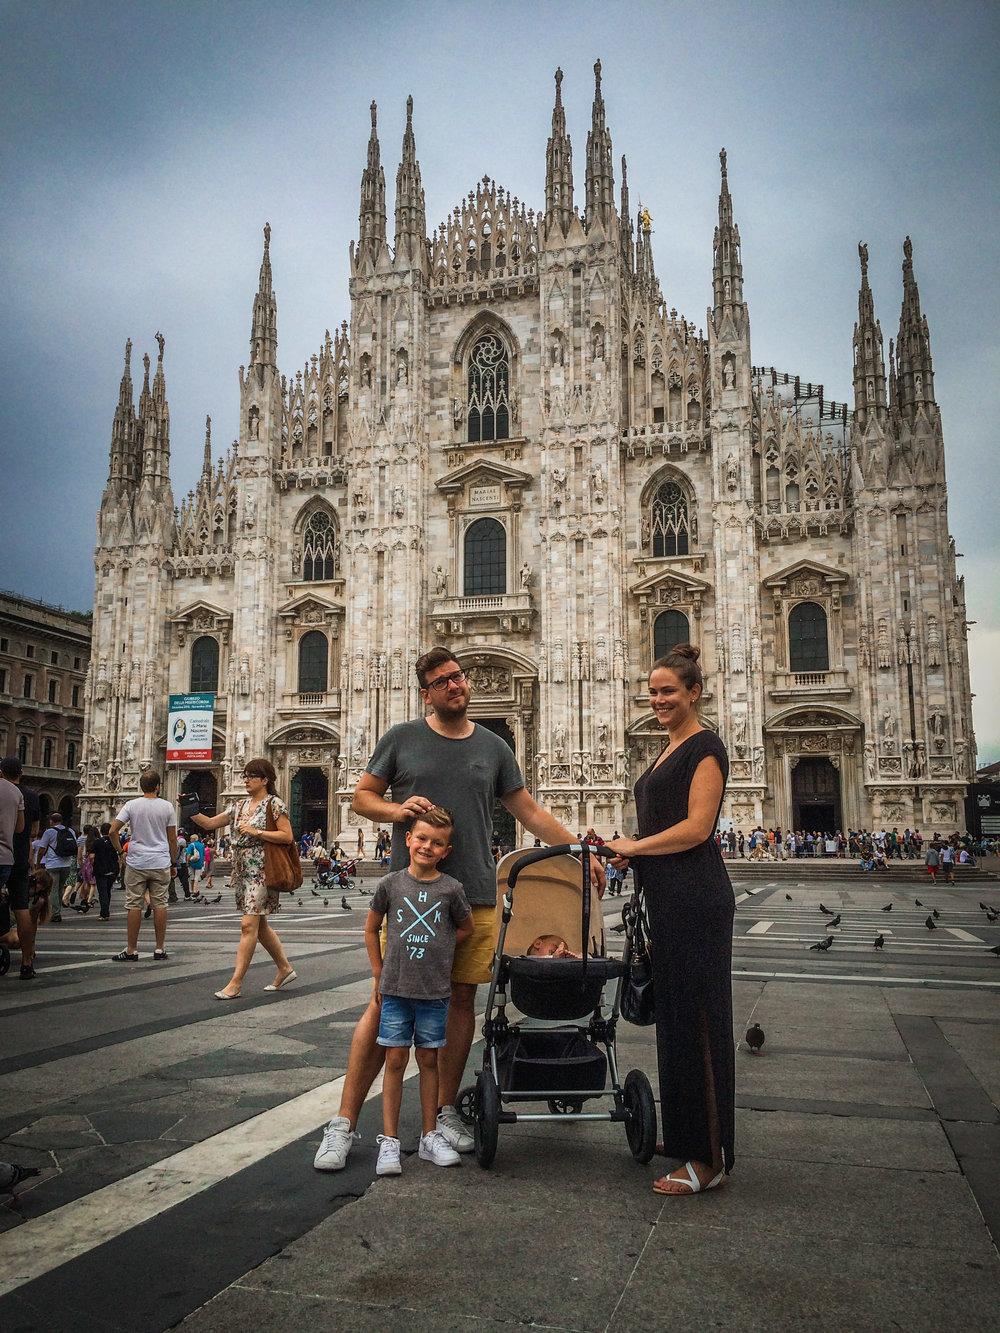 Milaan- Brera- navigli - duomo - Reizen met kinderen - withkidsontheroad-25.jpg